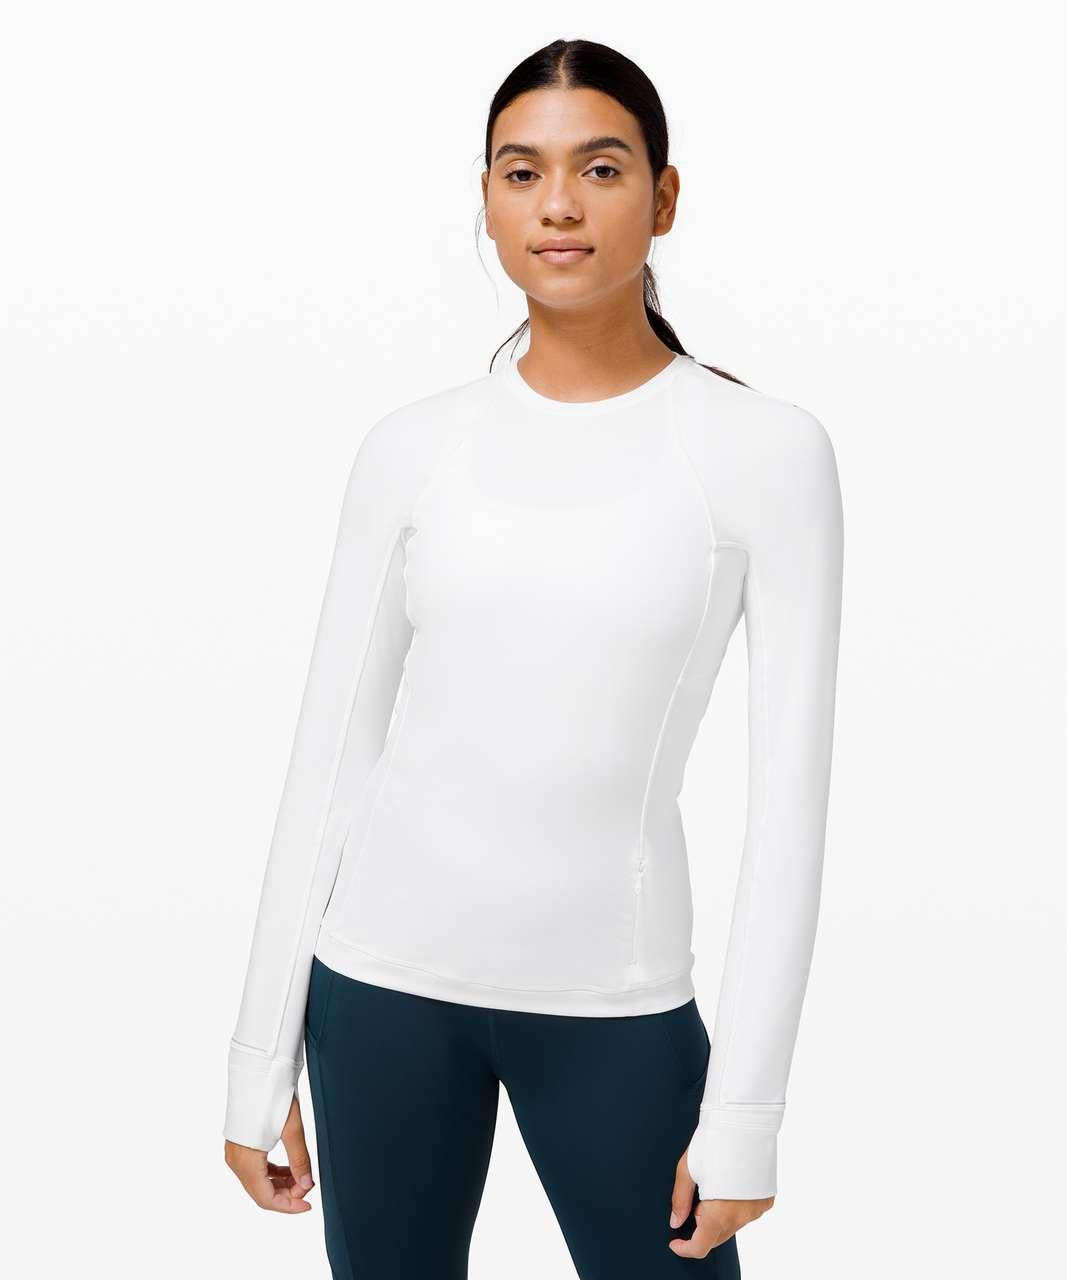 Lululemon Runderful Long Sleeve *Brushed - White